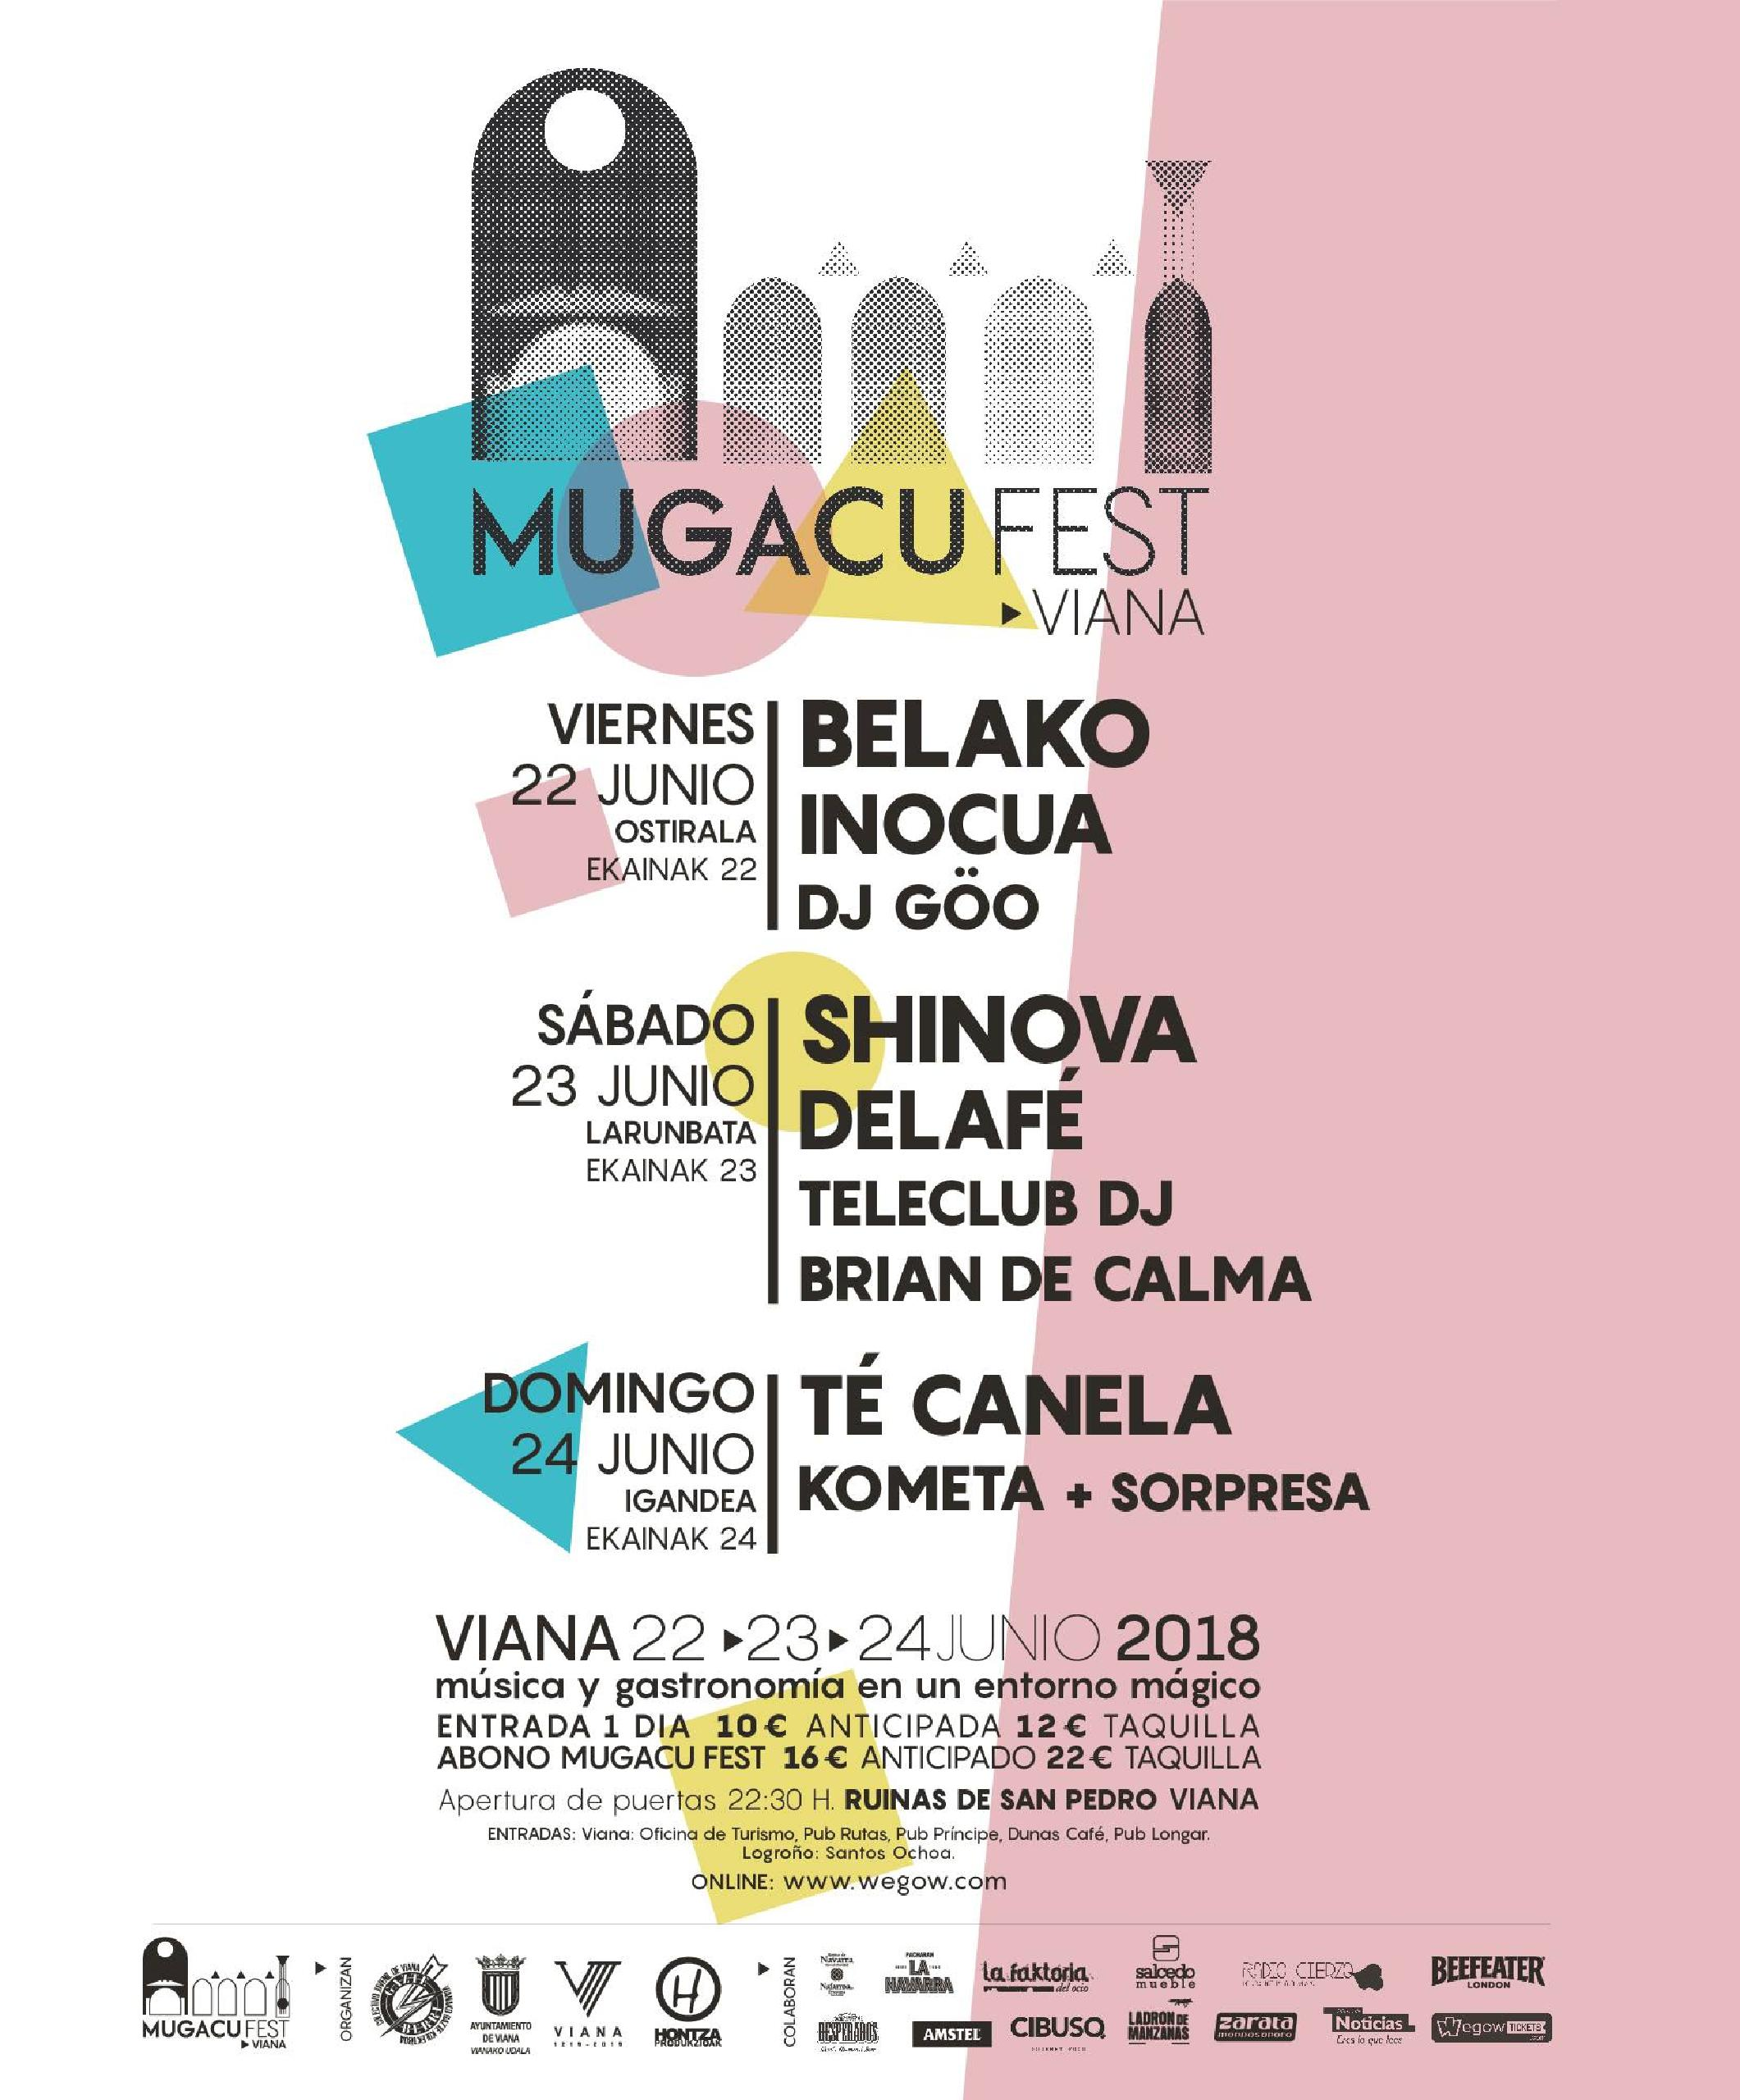 Cartel por días Mugacu Fest Viana 2018